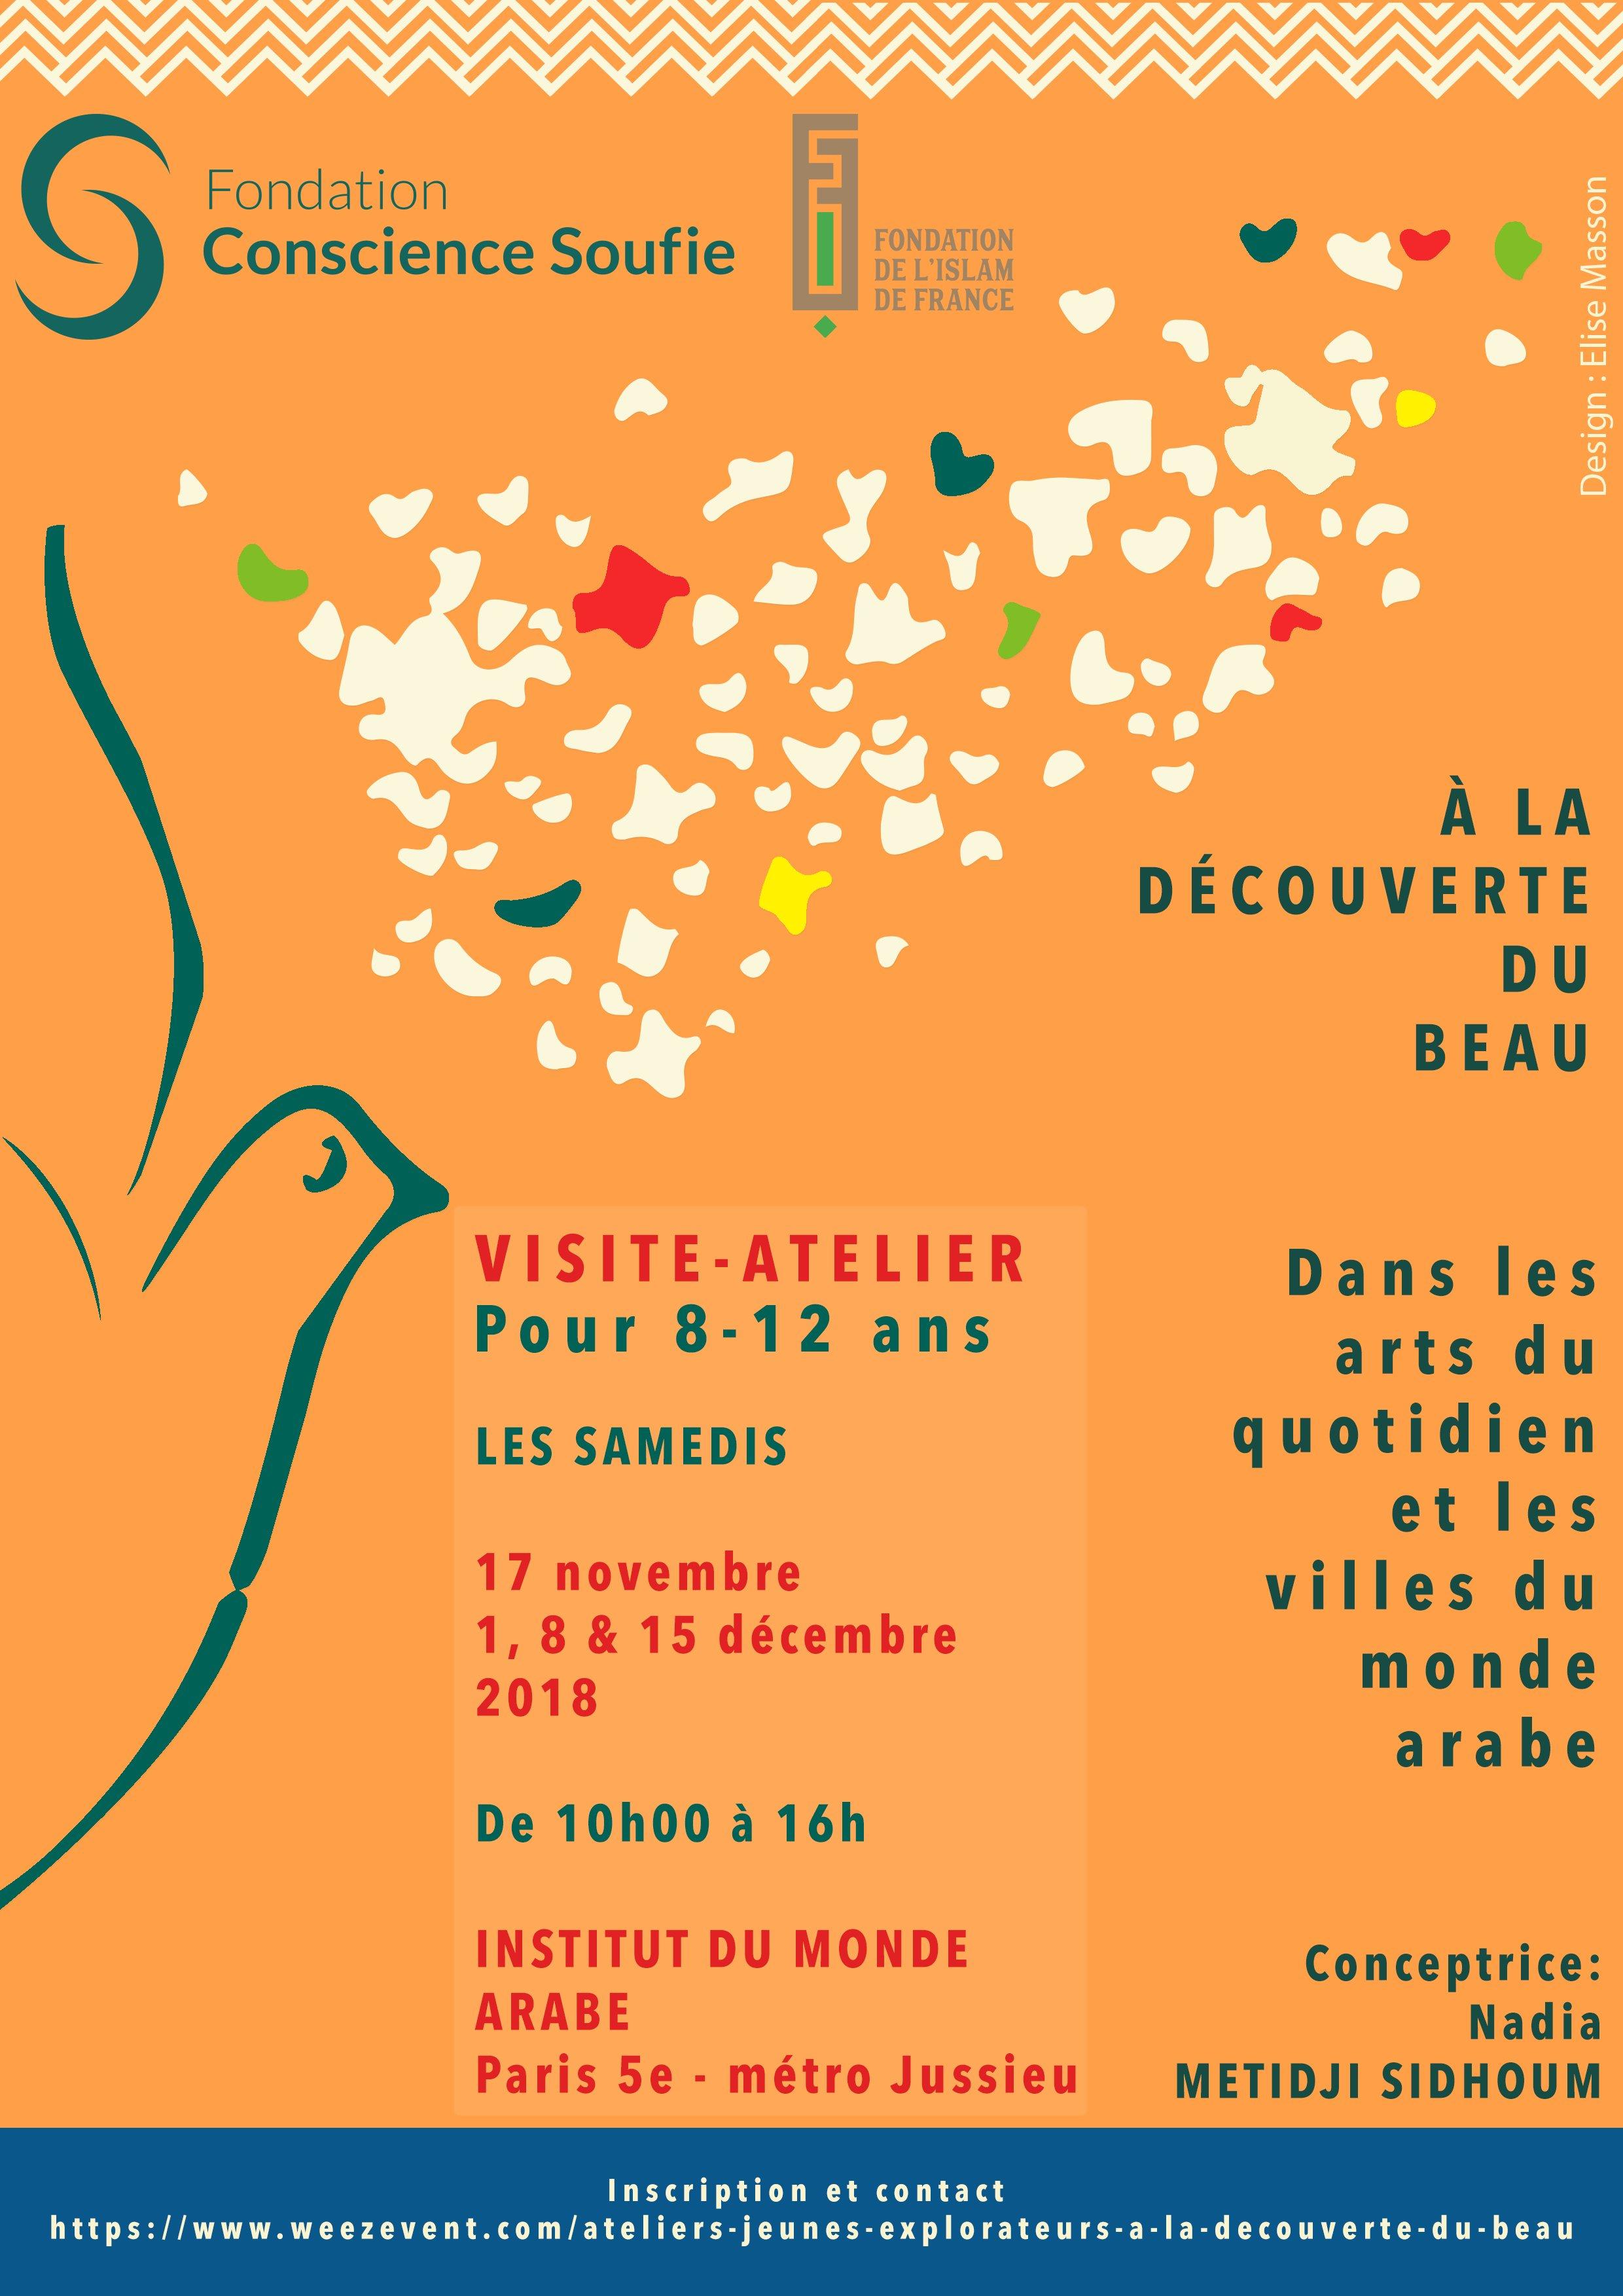 https://www.saphirnews.com/agenda/A-la-decouverte-du-beau-visites-ateliers-pour-les-8-12-ans_ae611615.html